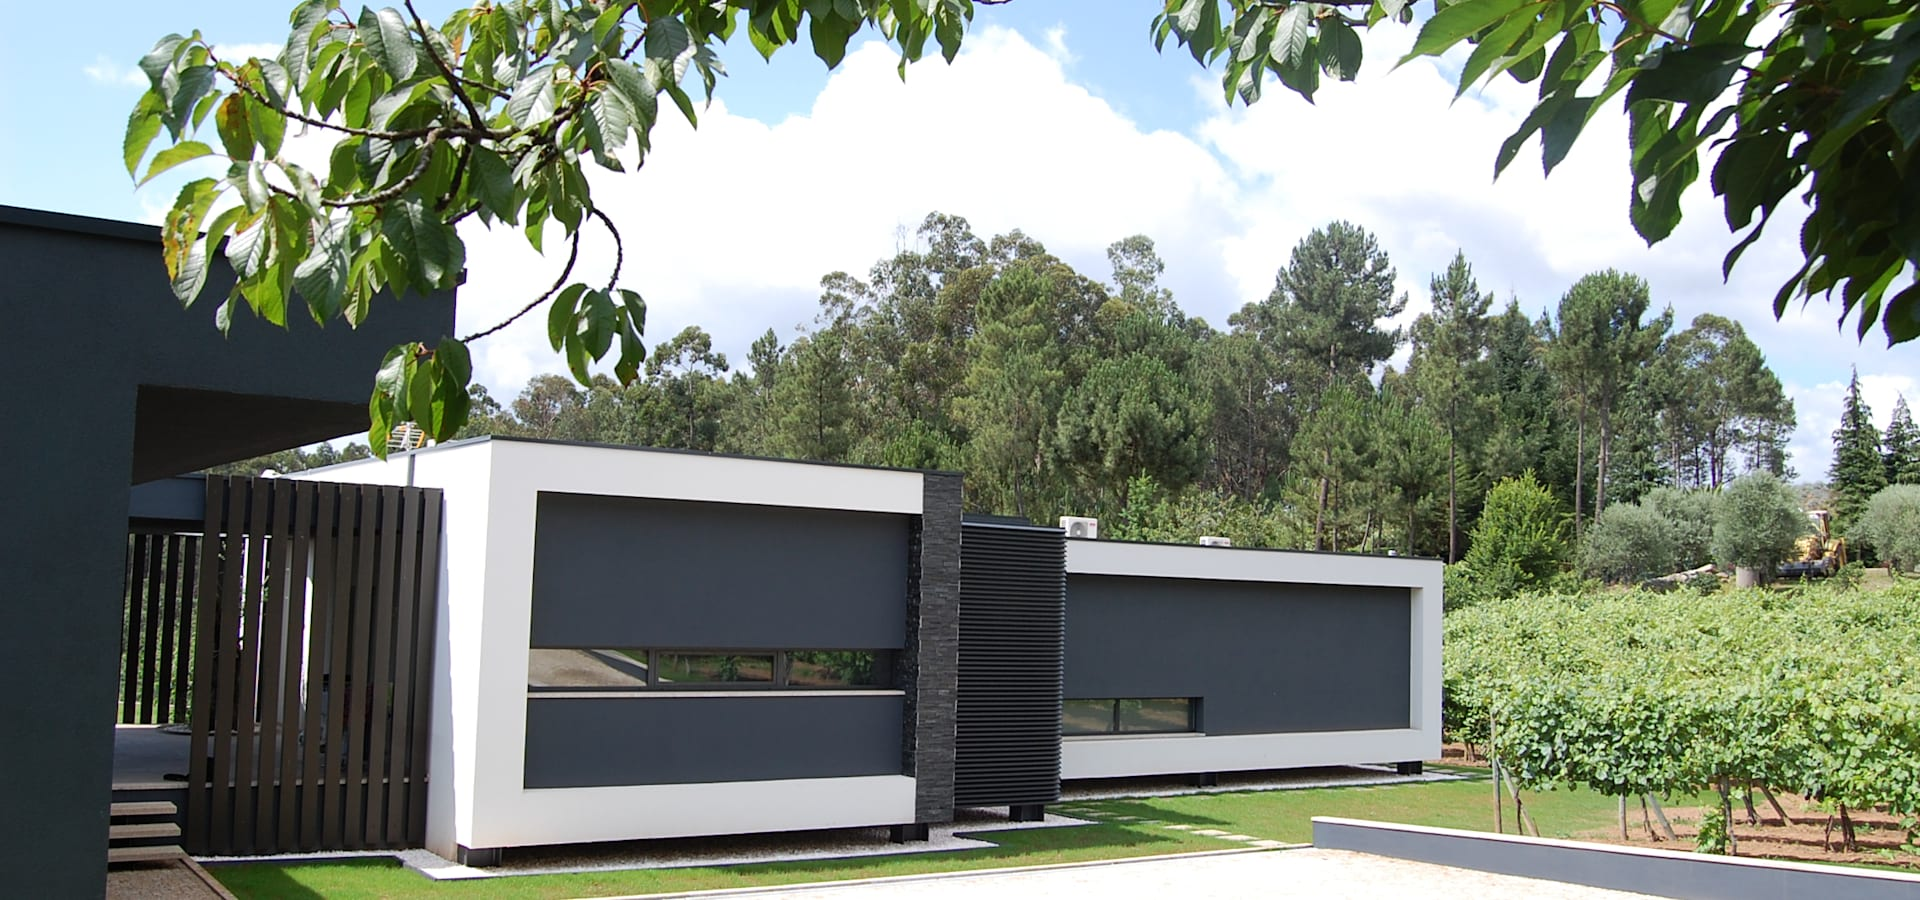 Engebasto—Atividades de Engenharia e Arquitetura, Lda